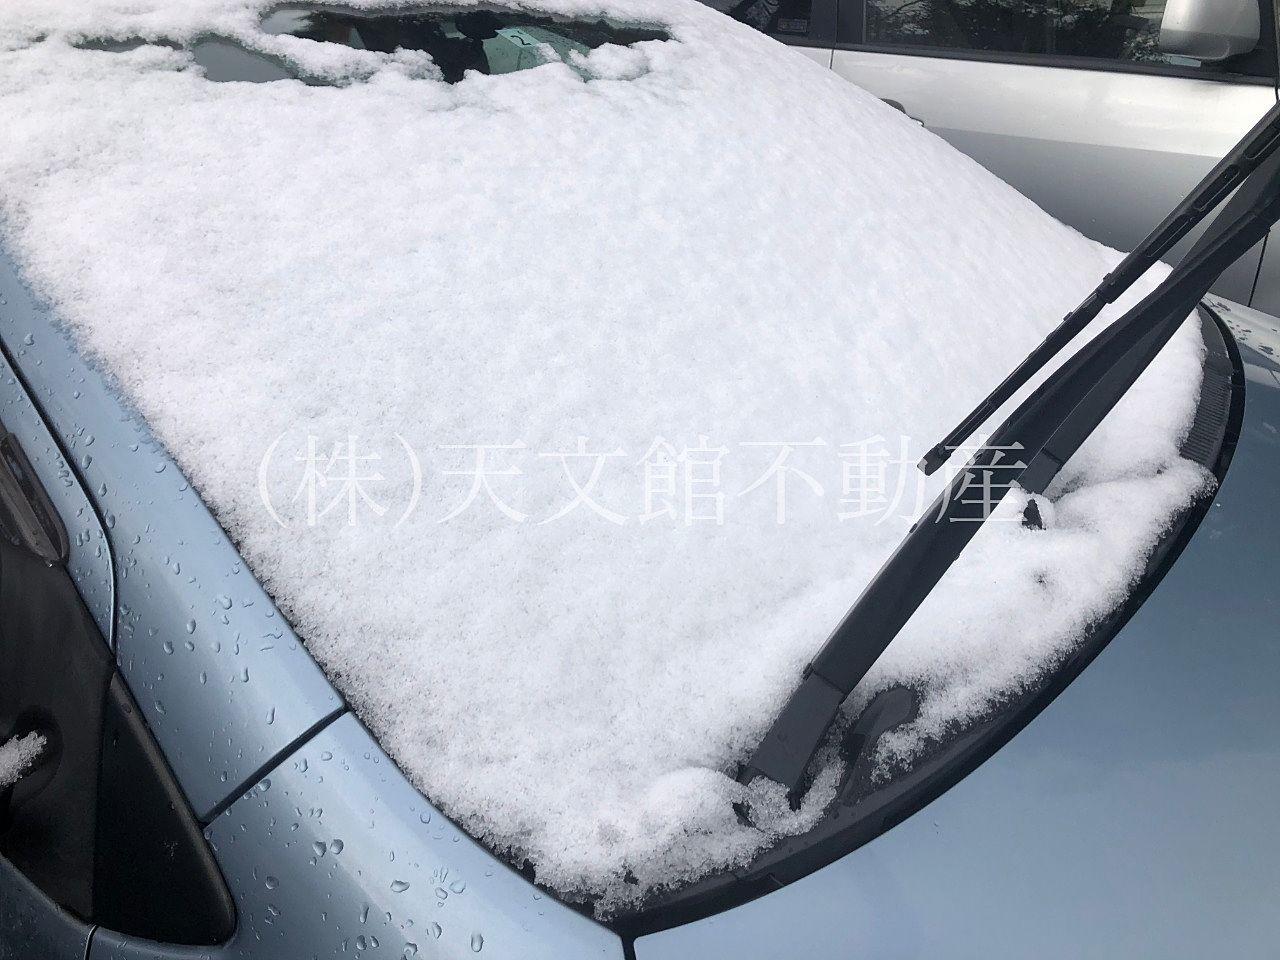 鹿児島市吉野町で雪に覆われた車を見ました。